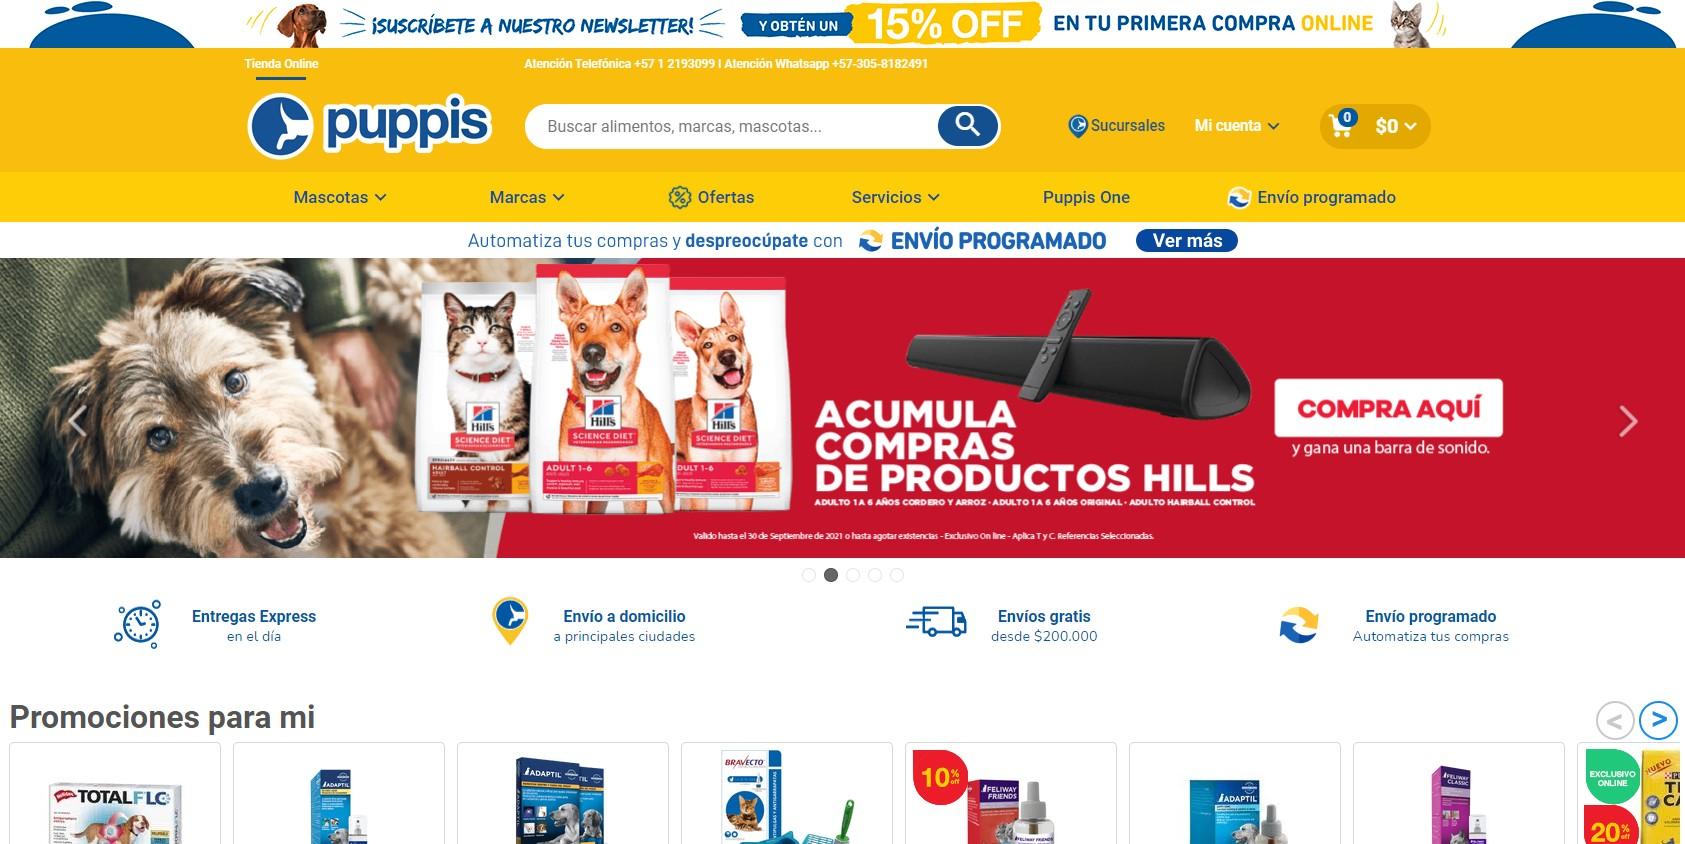 Ejemplos B2C de e-commerce exitosos en Colombia de Mascotas en 2021: Puppis